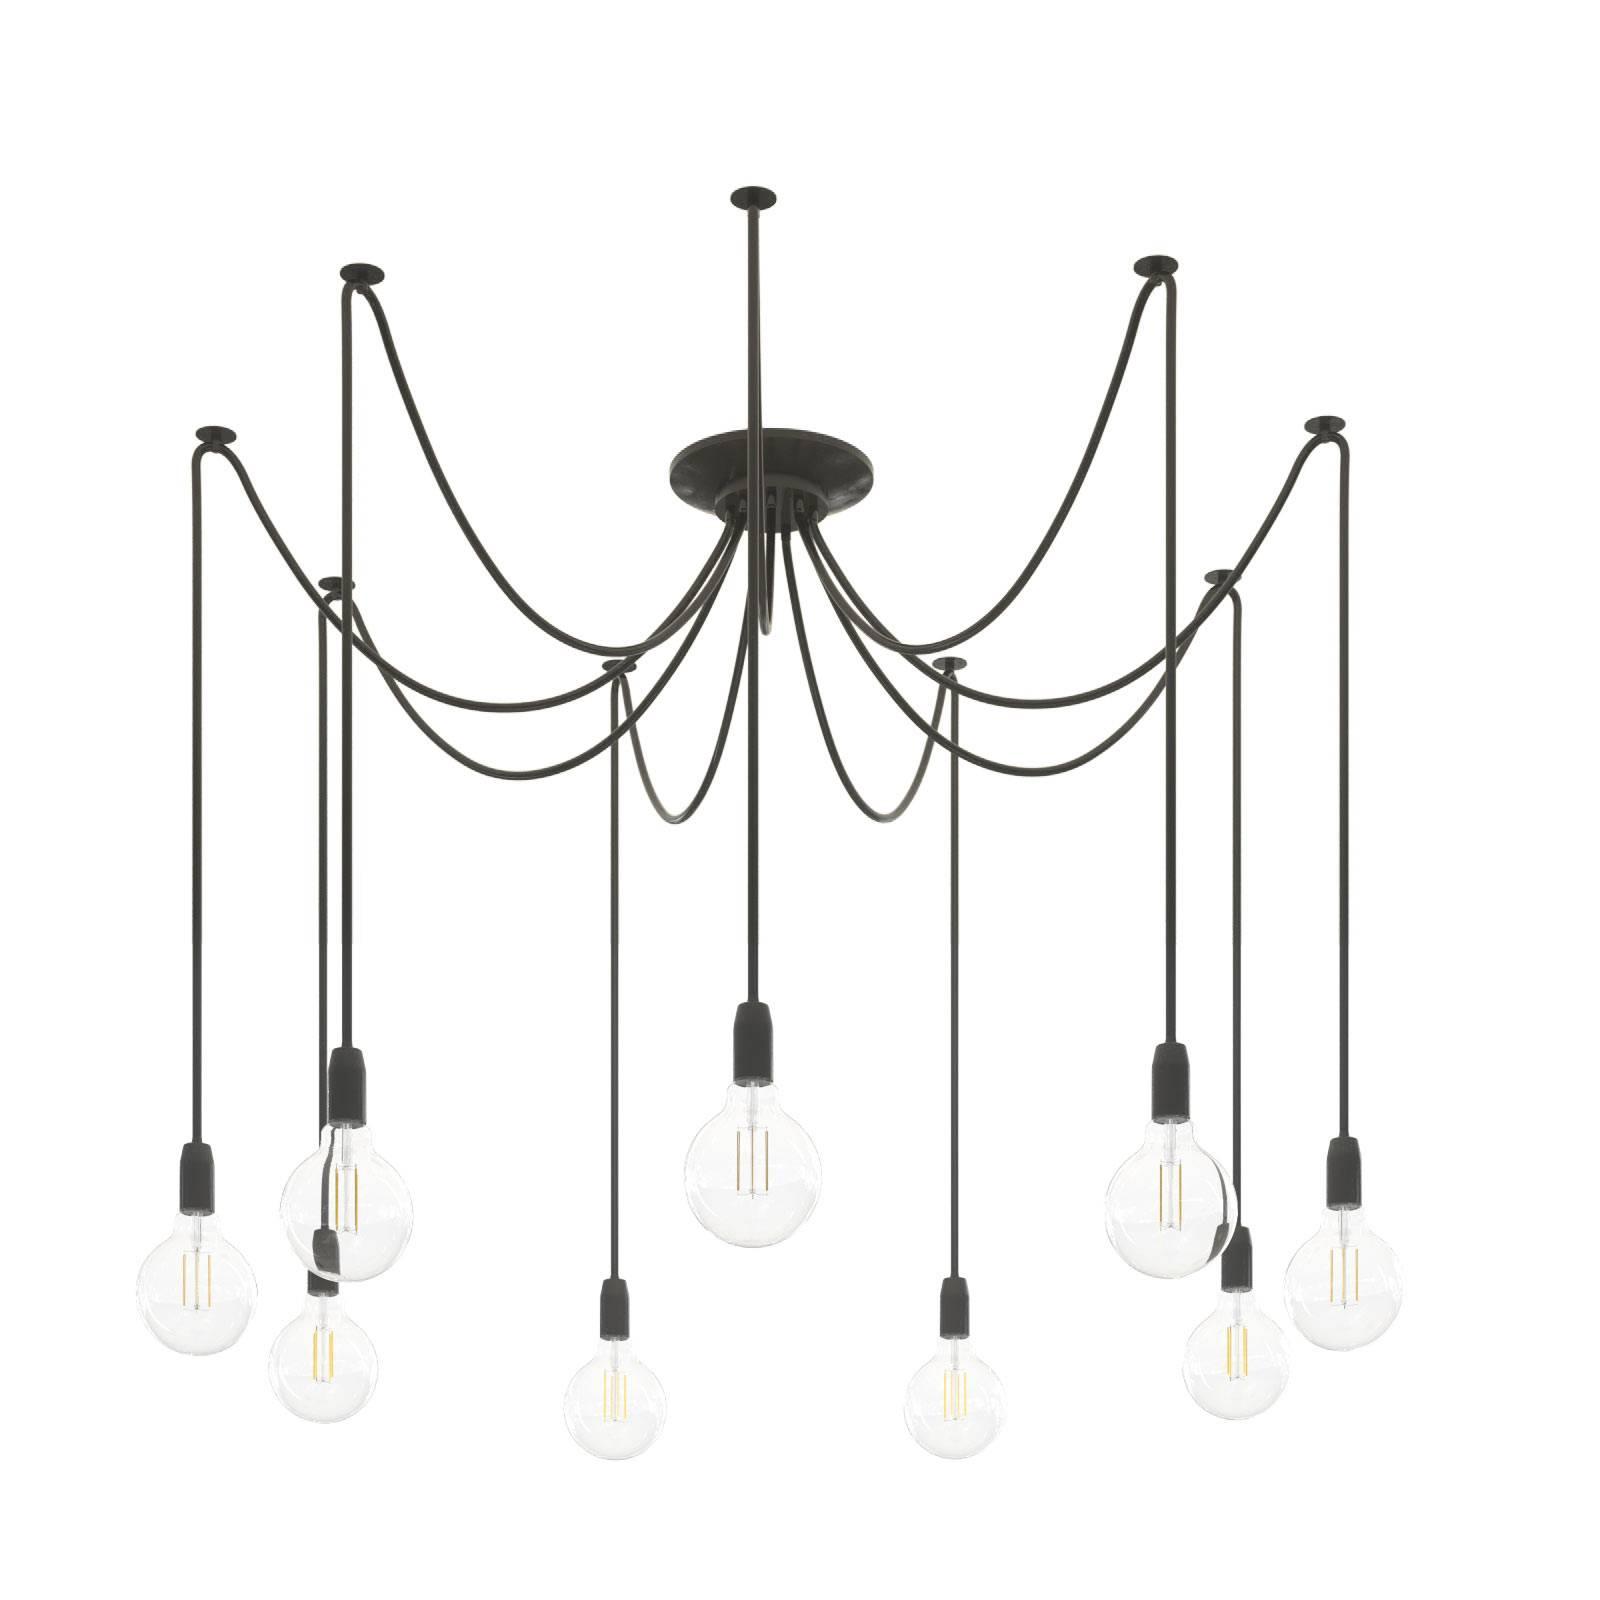 Hanglamp Phoenix, zwart, 9-lamps